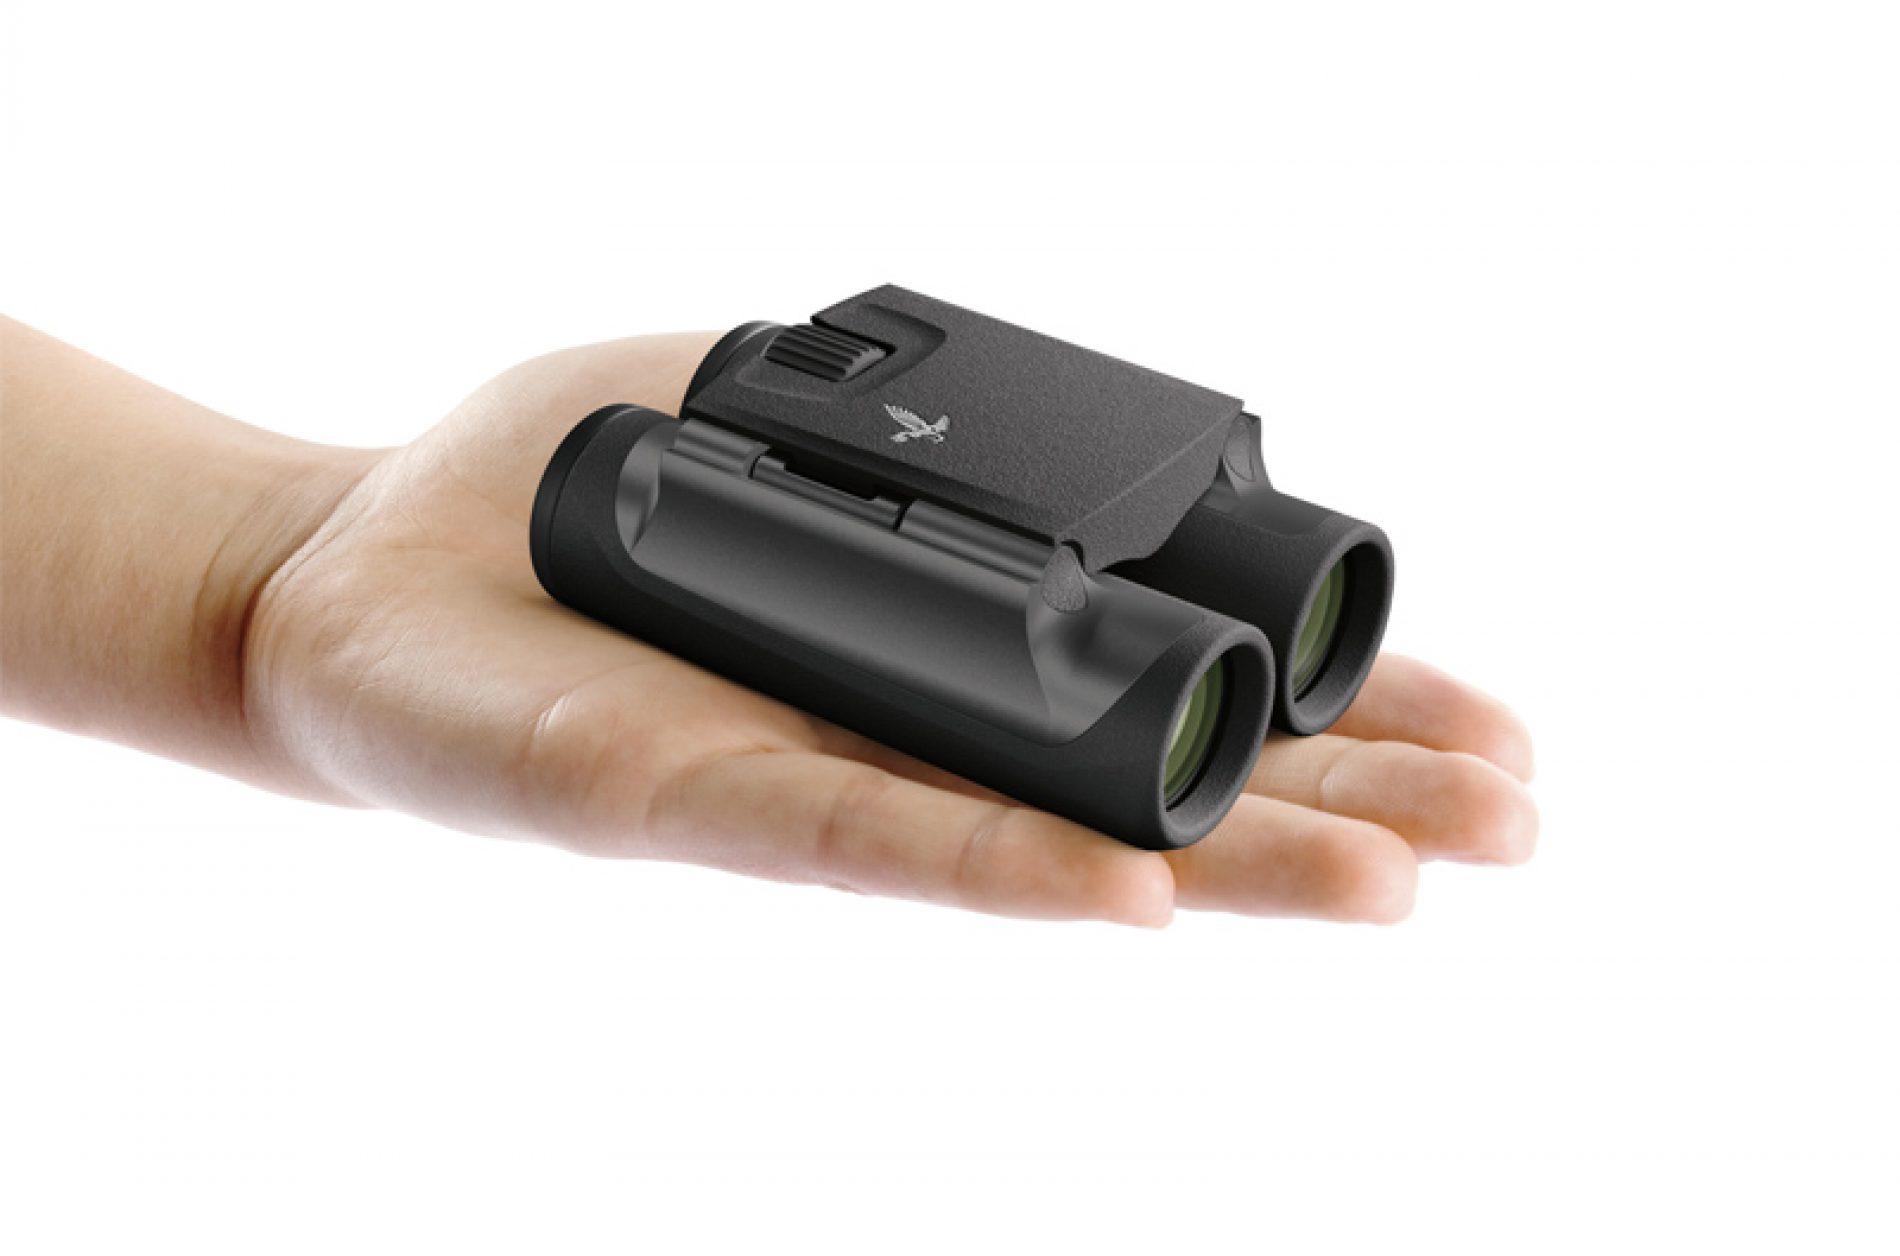 CL Pocket de Swarovski Optik. La naturaleza en el bolsillo